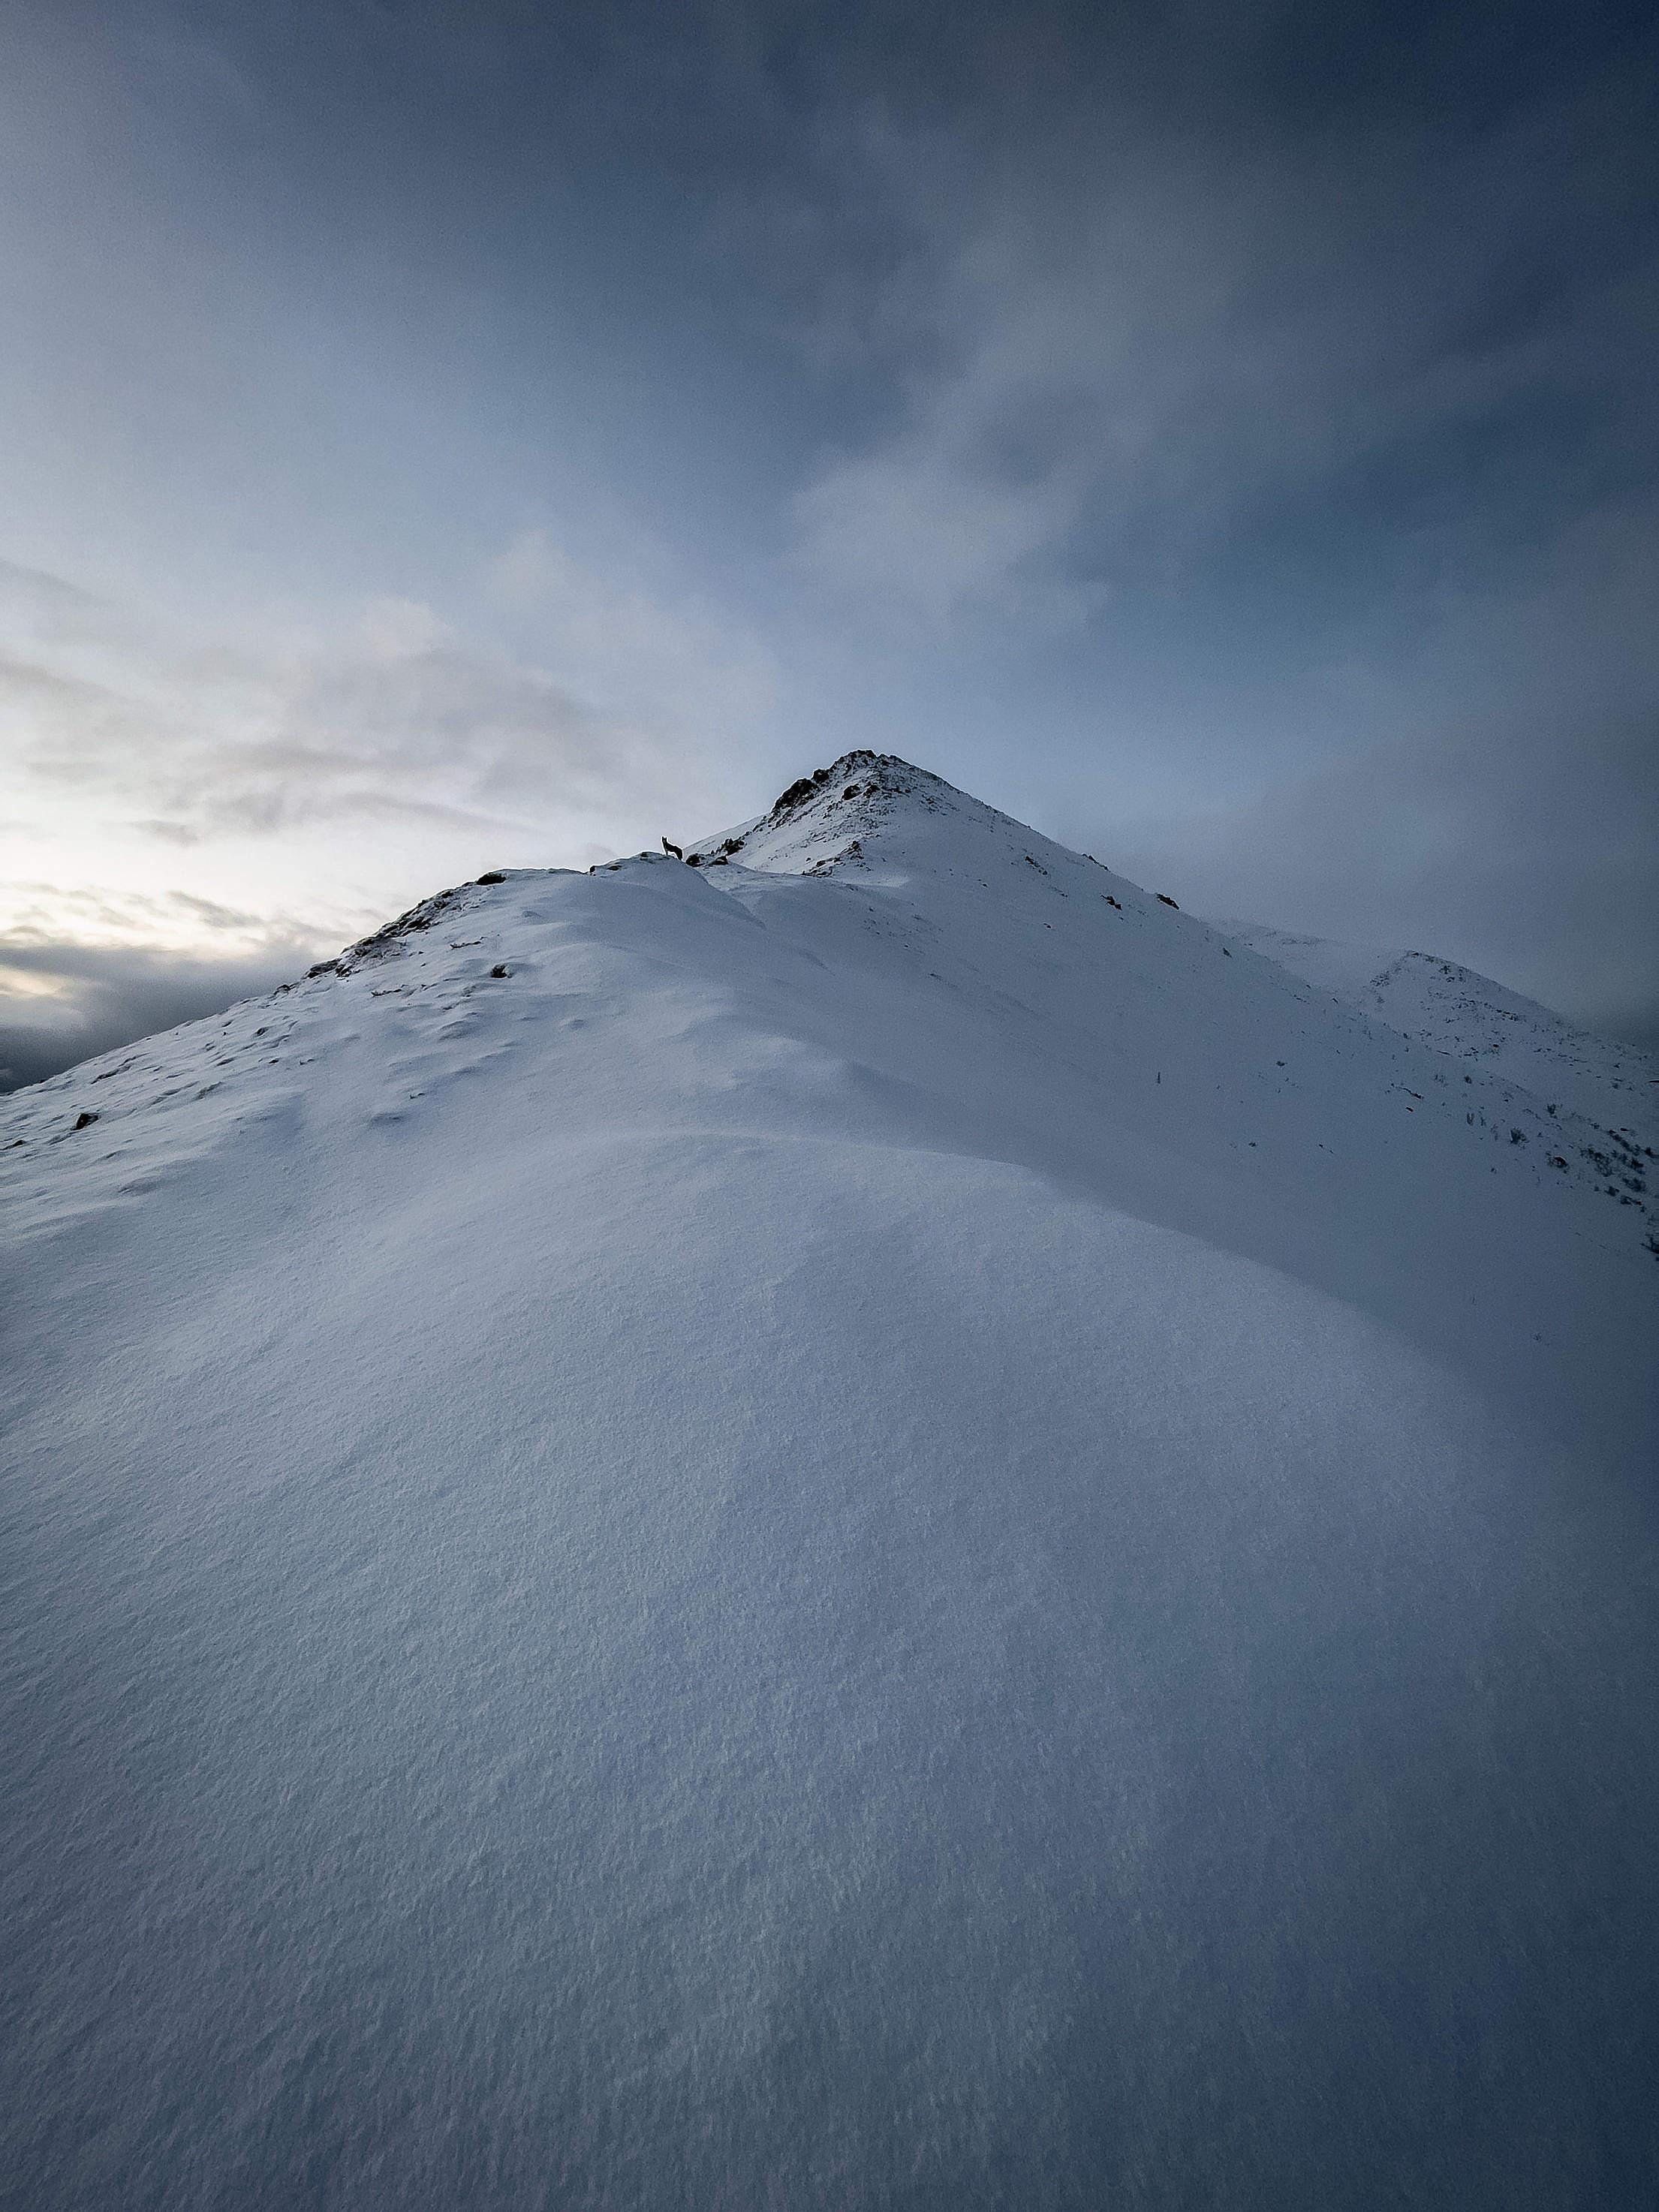 Mountain Ridge with Tiny Dog Silhouette Free Stock Photo